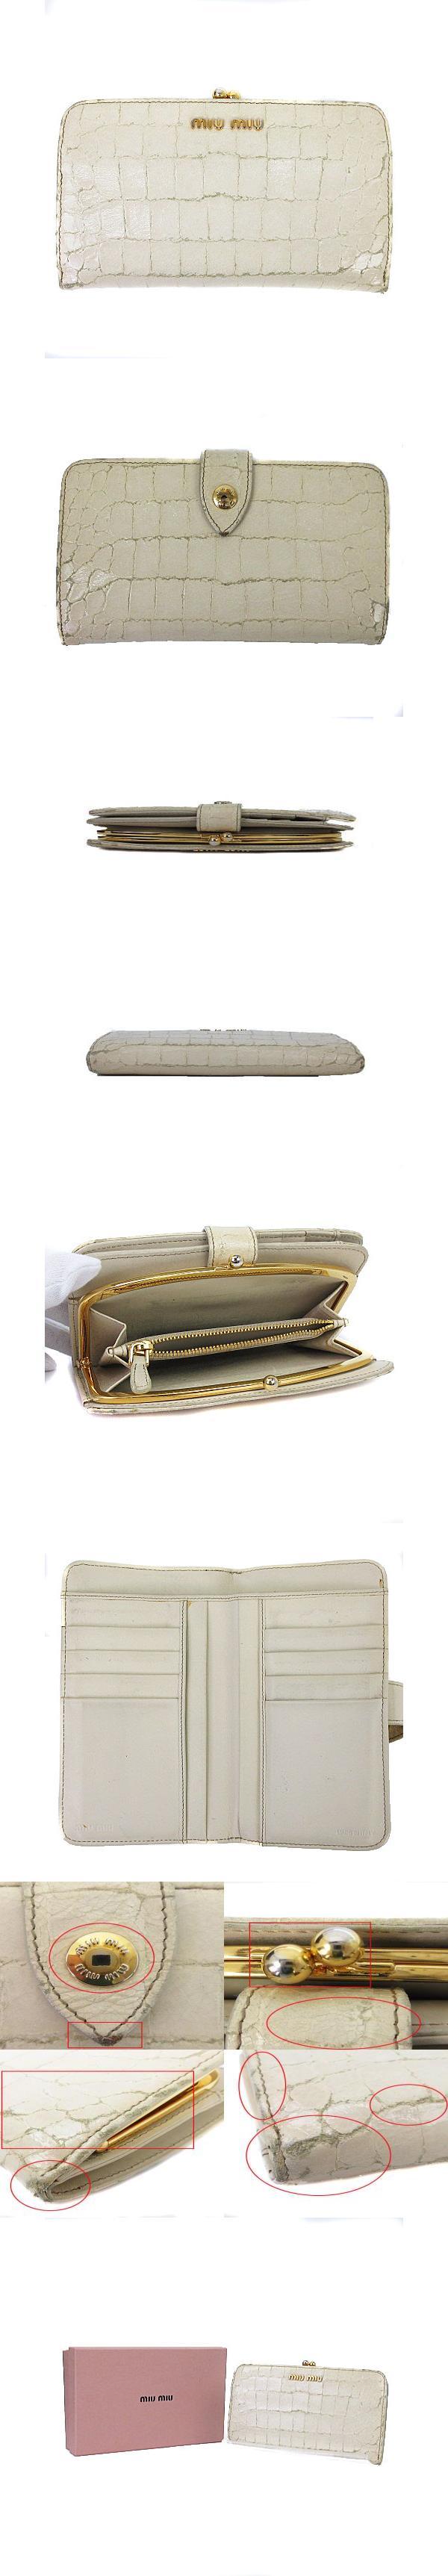 長財布 二つ折り がま口 レザー クロコダイル型押し 5M1120 白 ホワイト